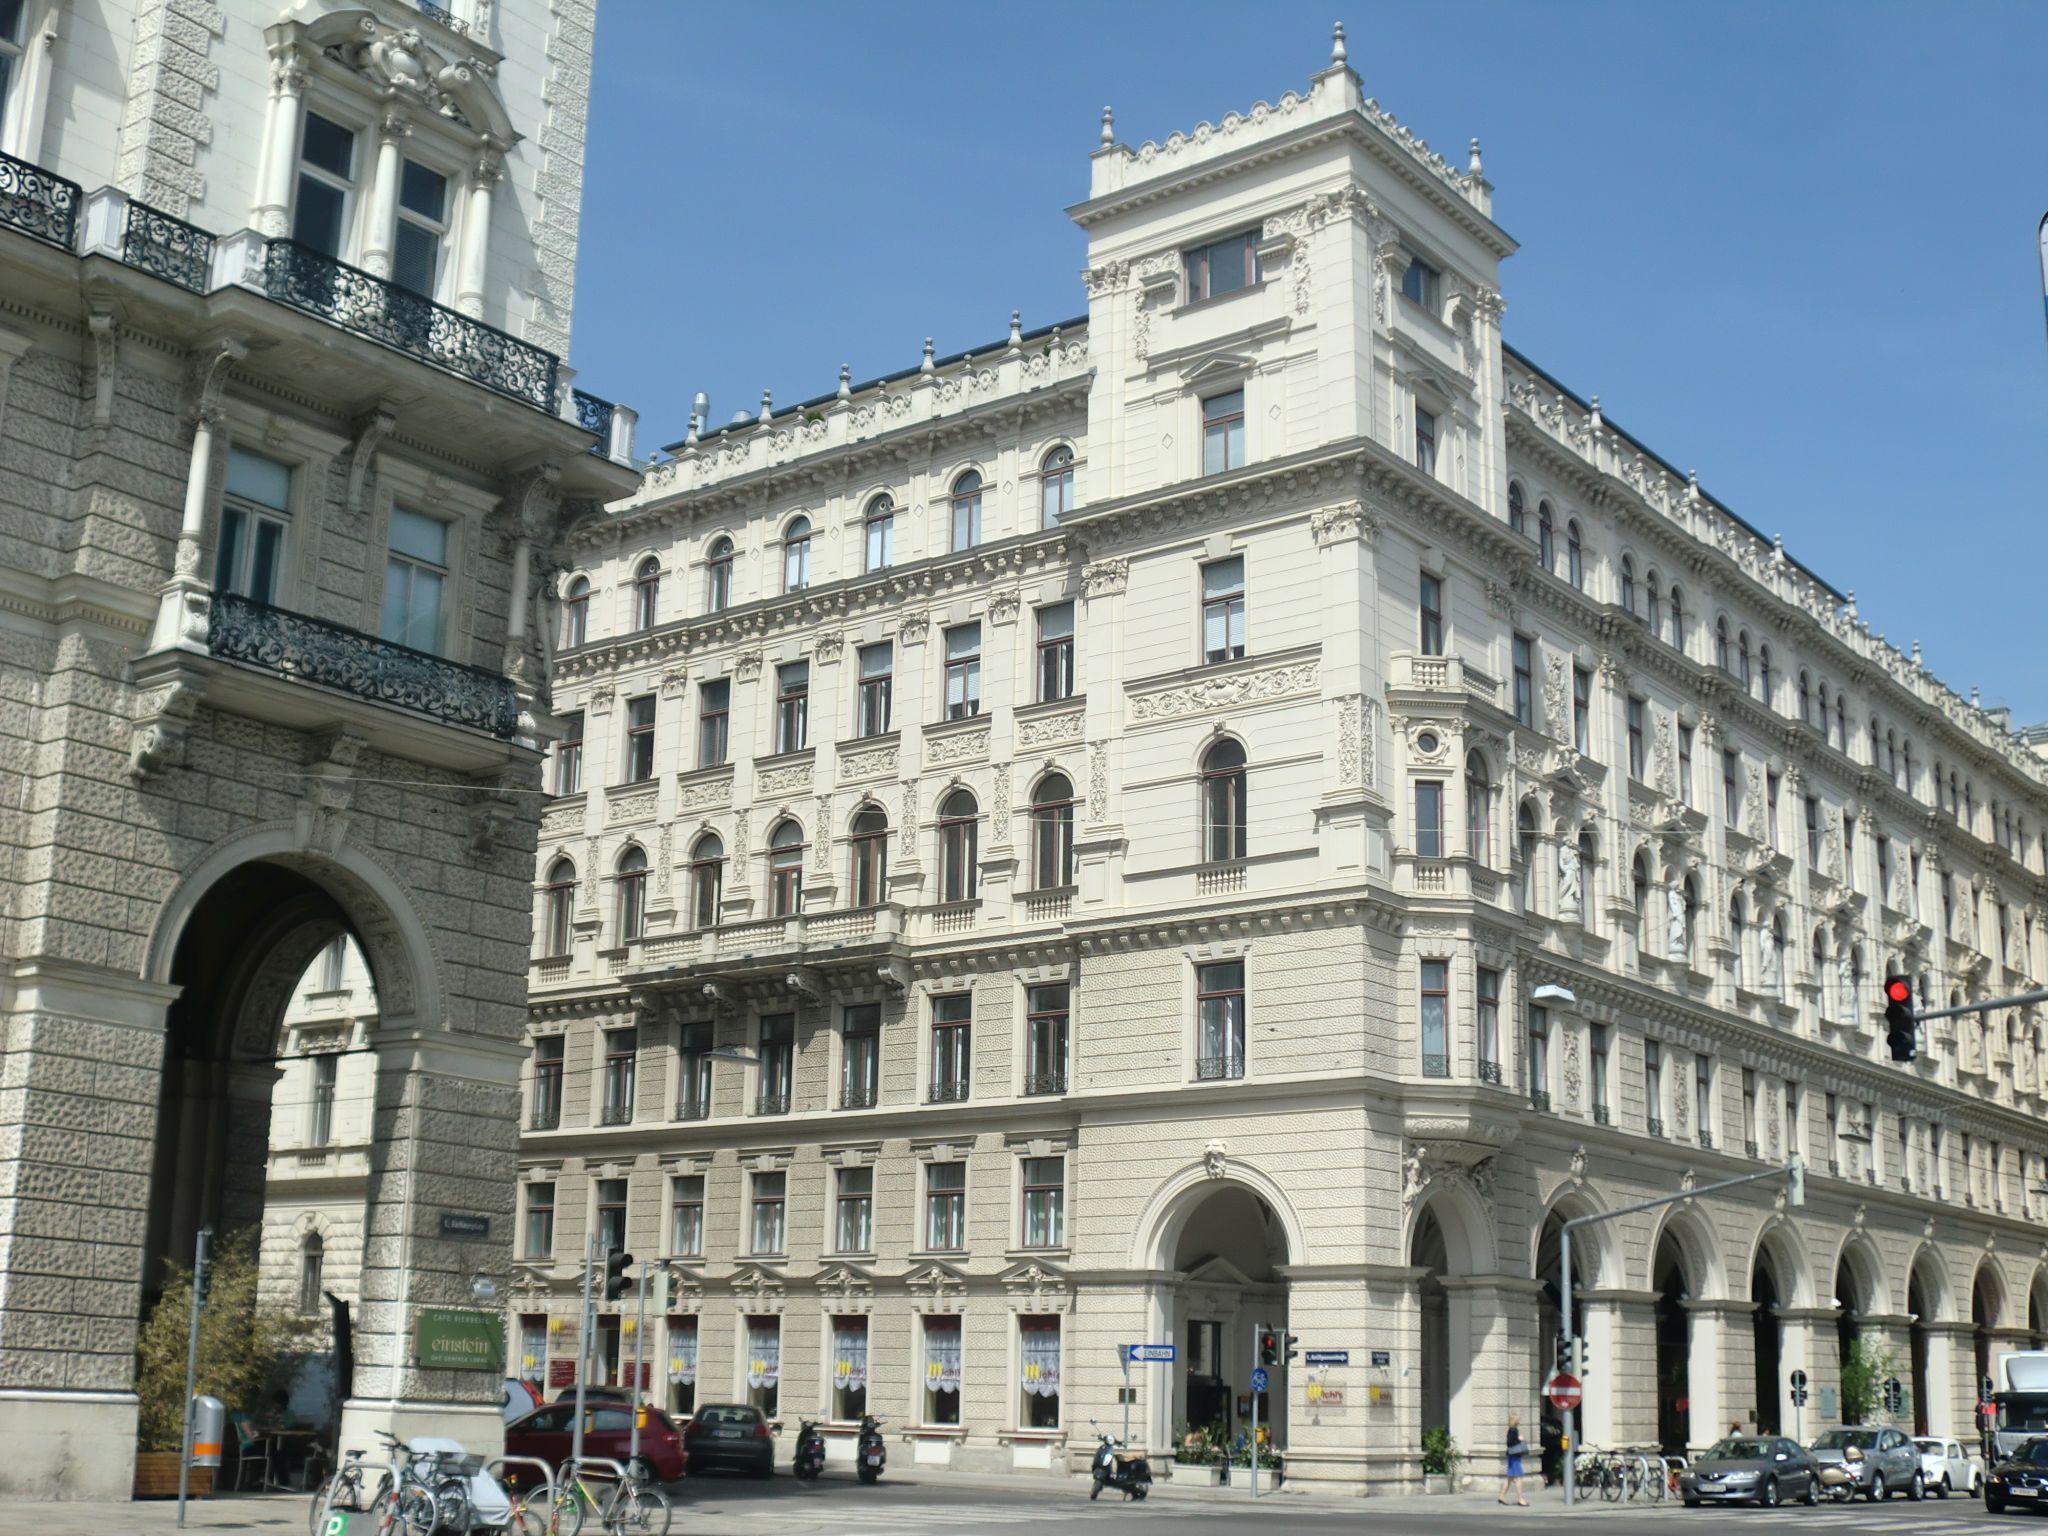 Vienna architecture 27 1440x1080 - Vienna: elegant beauty